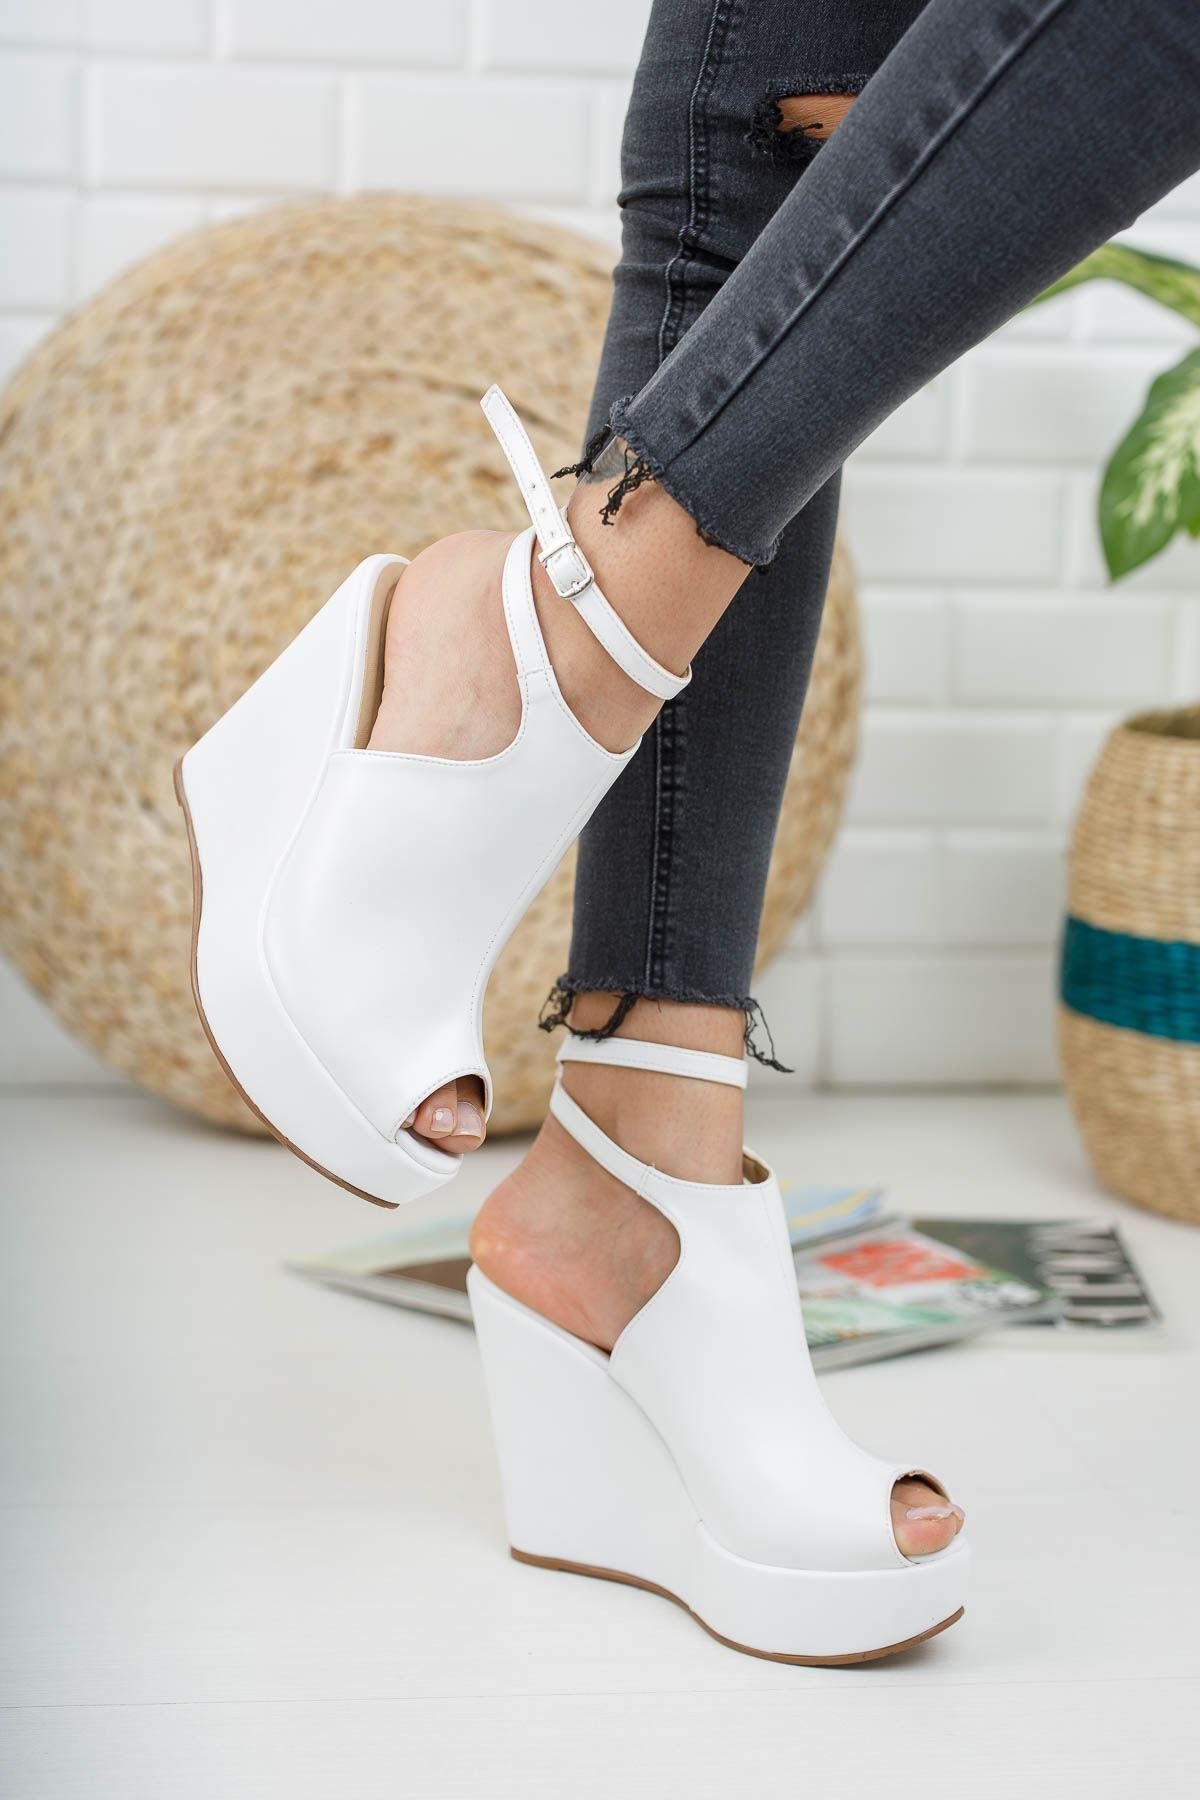 Aleria Beyaz Cilt Dolgu Topuklu Kadın Ayakkabı